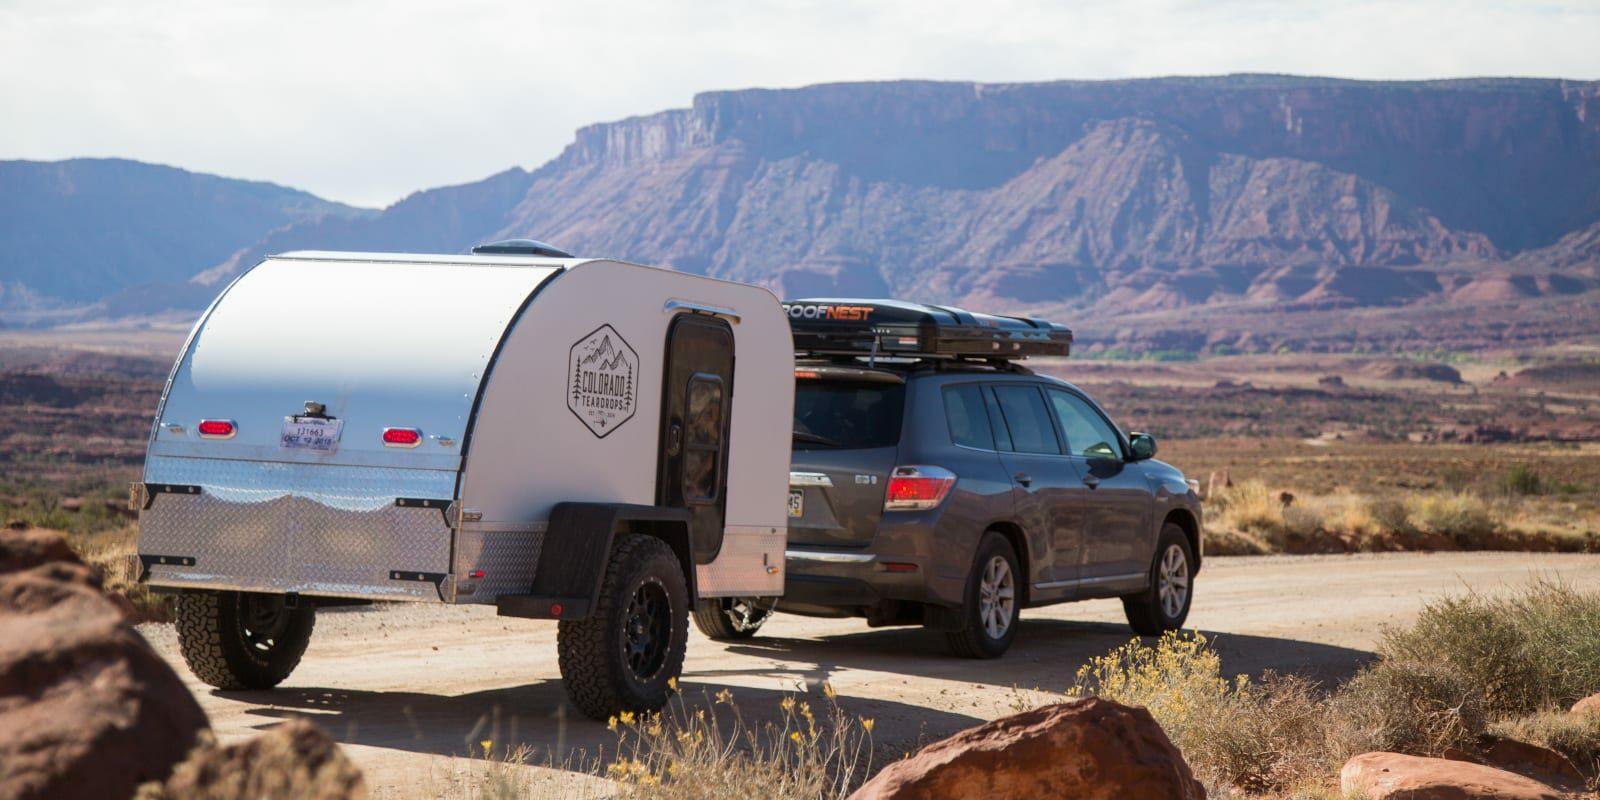 Colorado Teardrops Summit Camper Moab